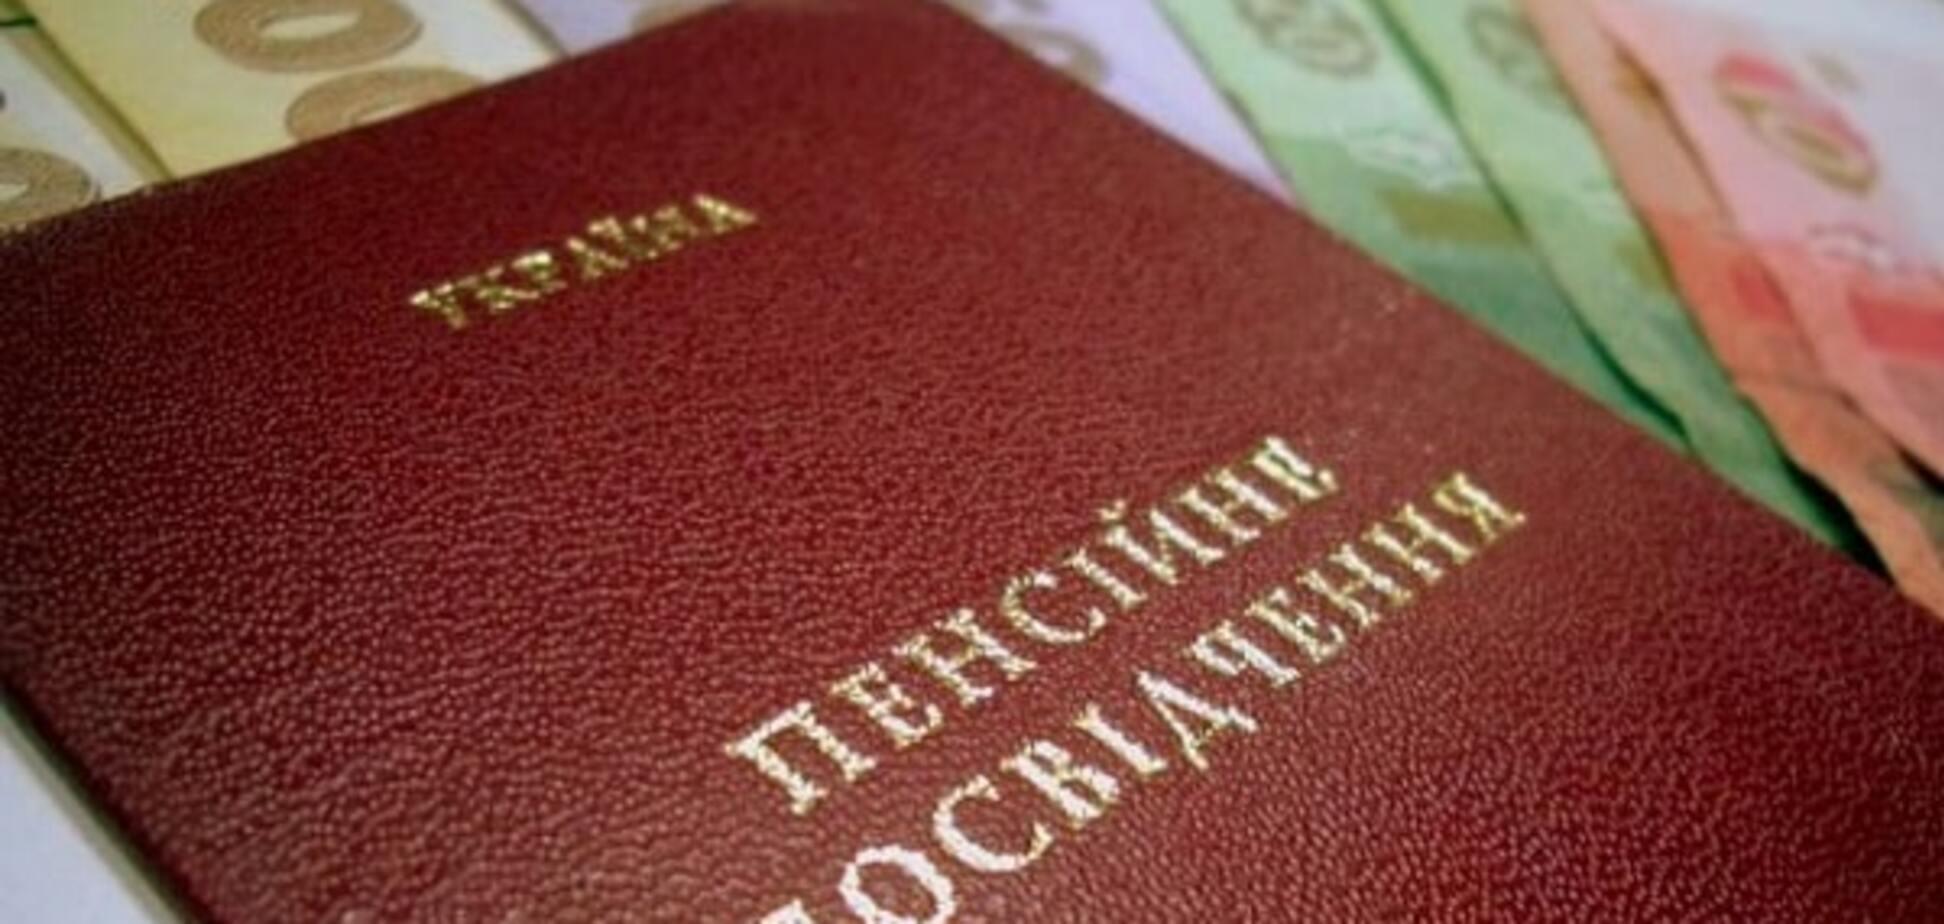 Пенсию меньше 4 134 гривен в Украине получают 97,5% украинских пенсионеров — Минфин